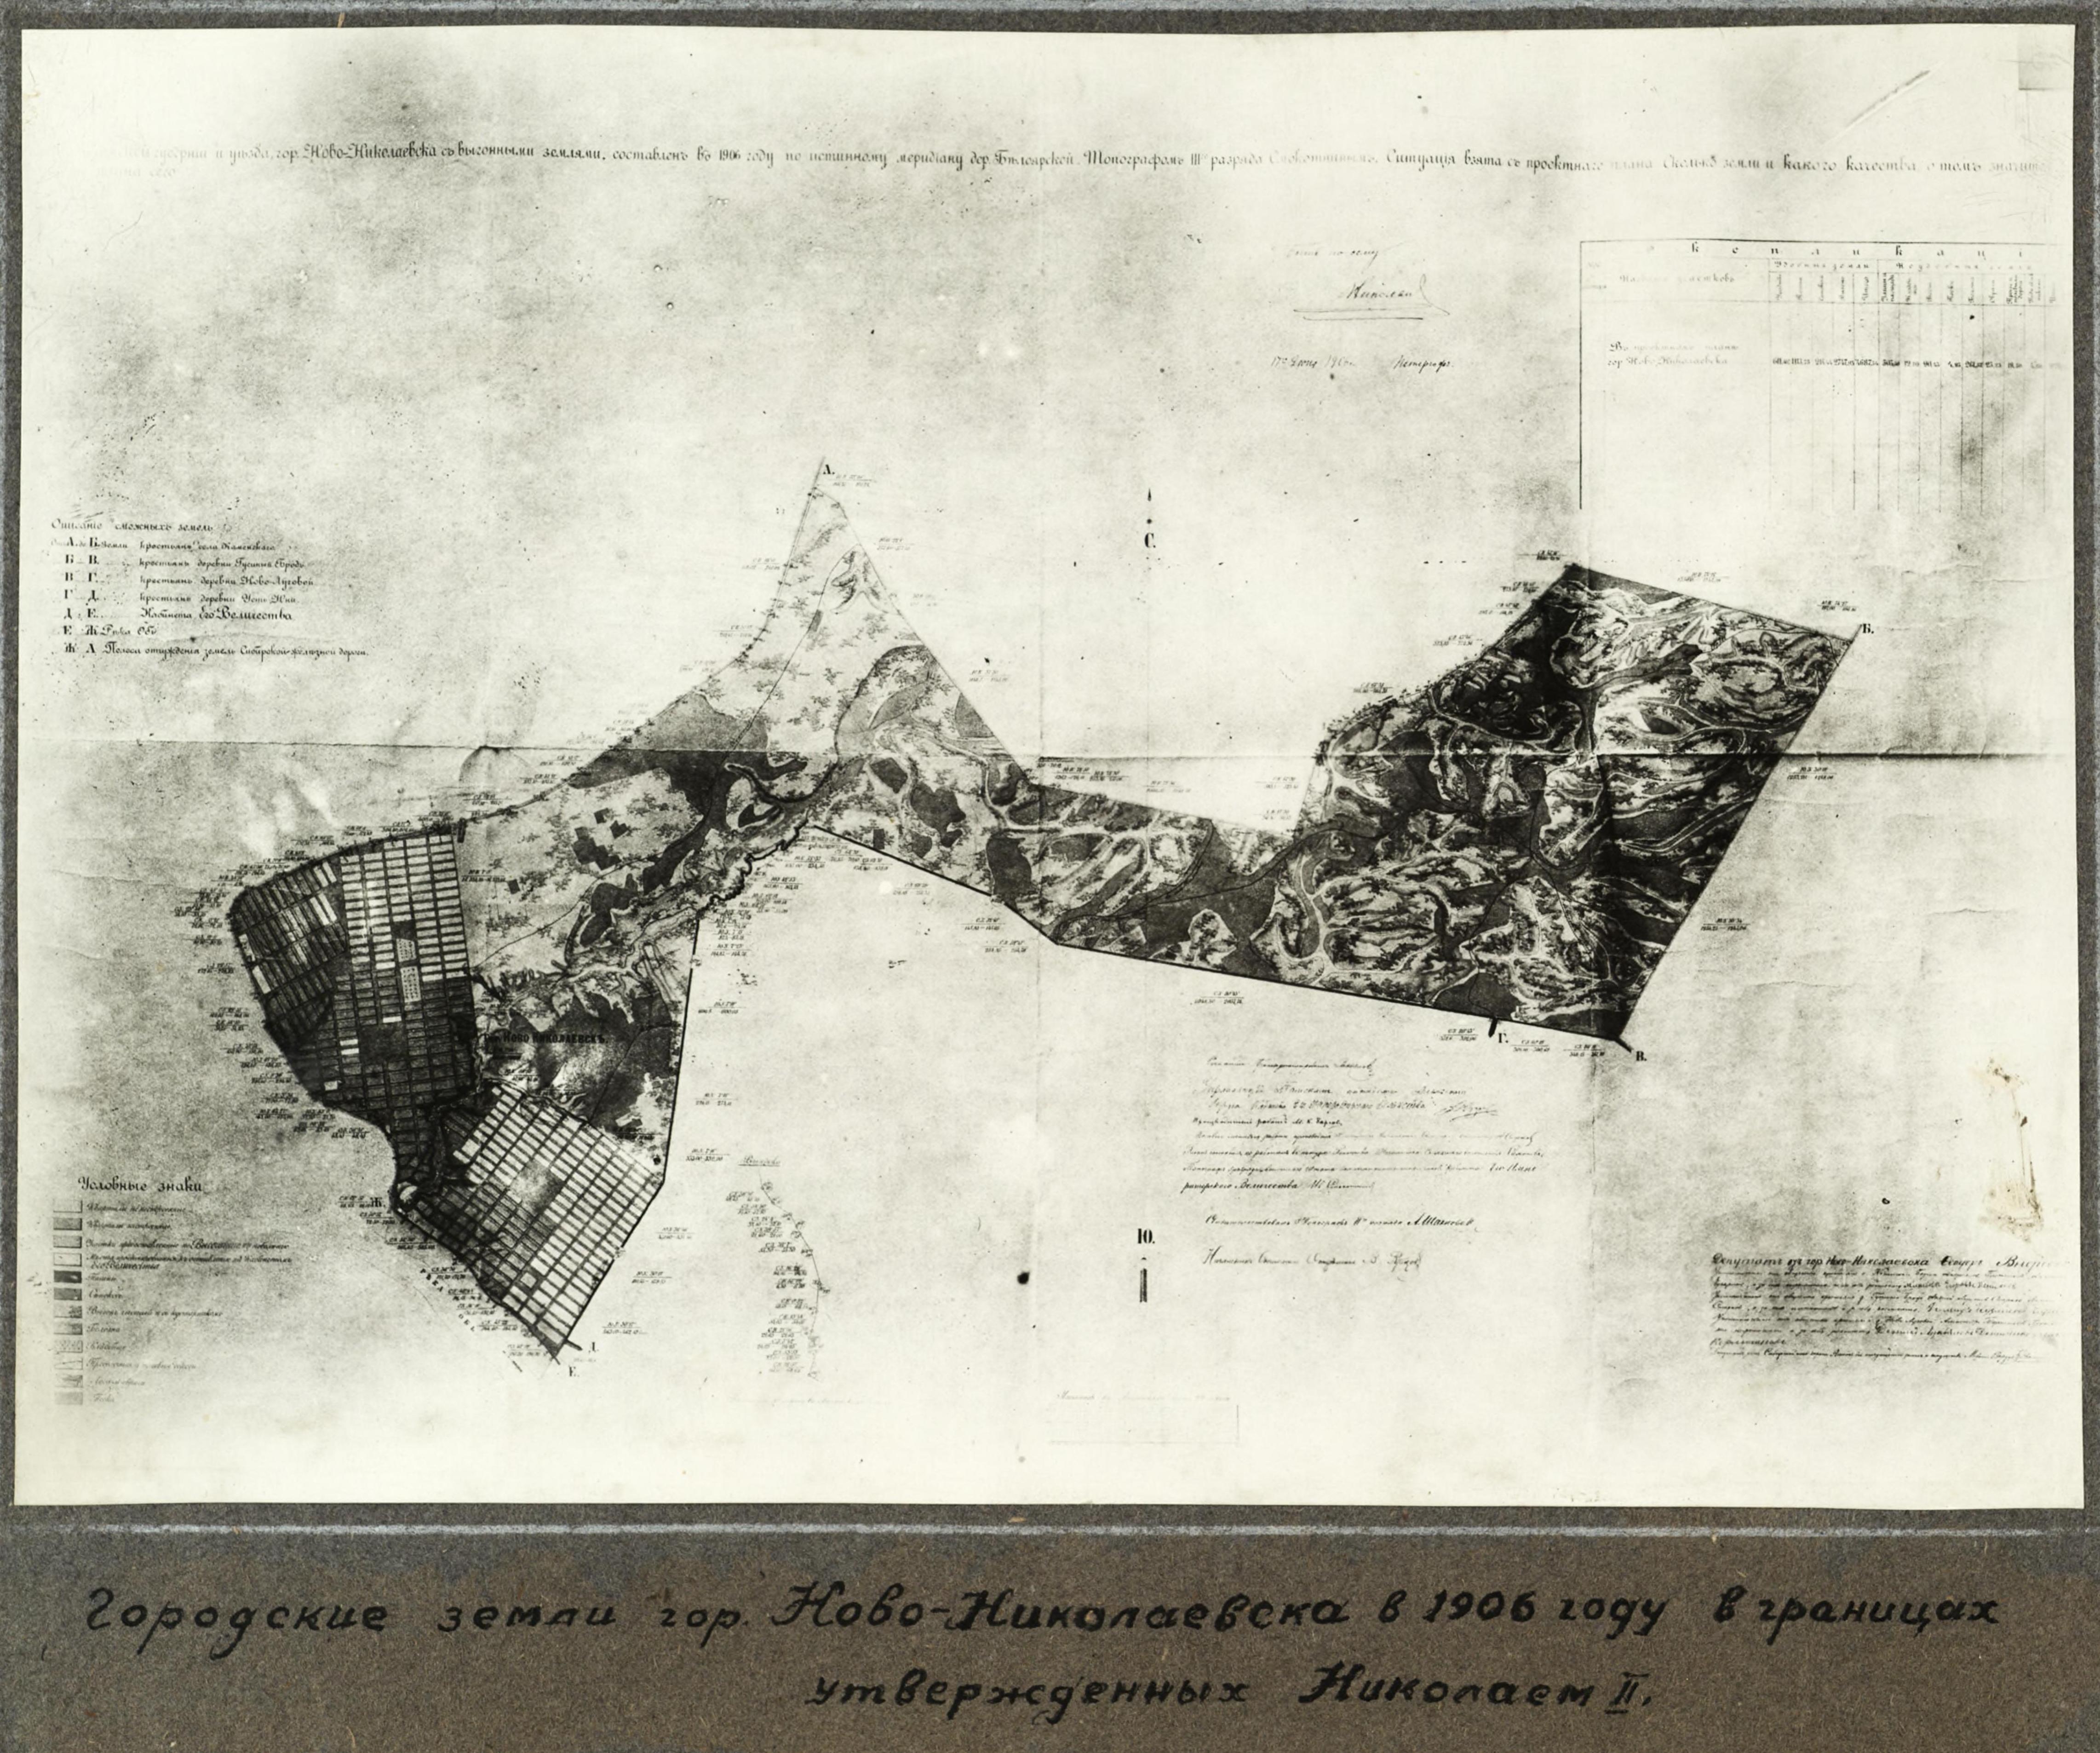 Городские земли Ново-Николаевска в 1905